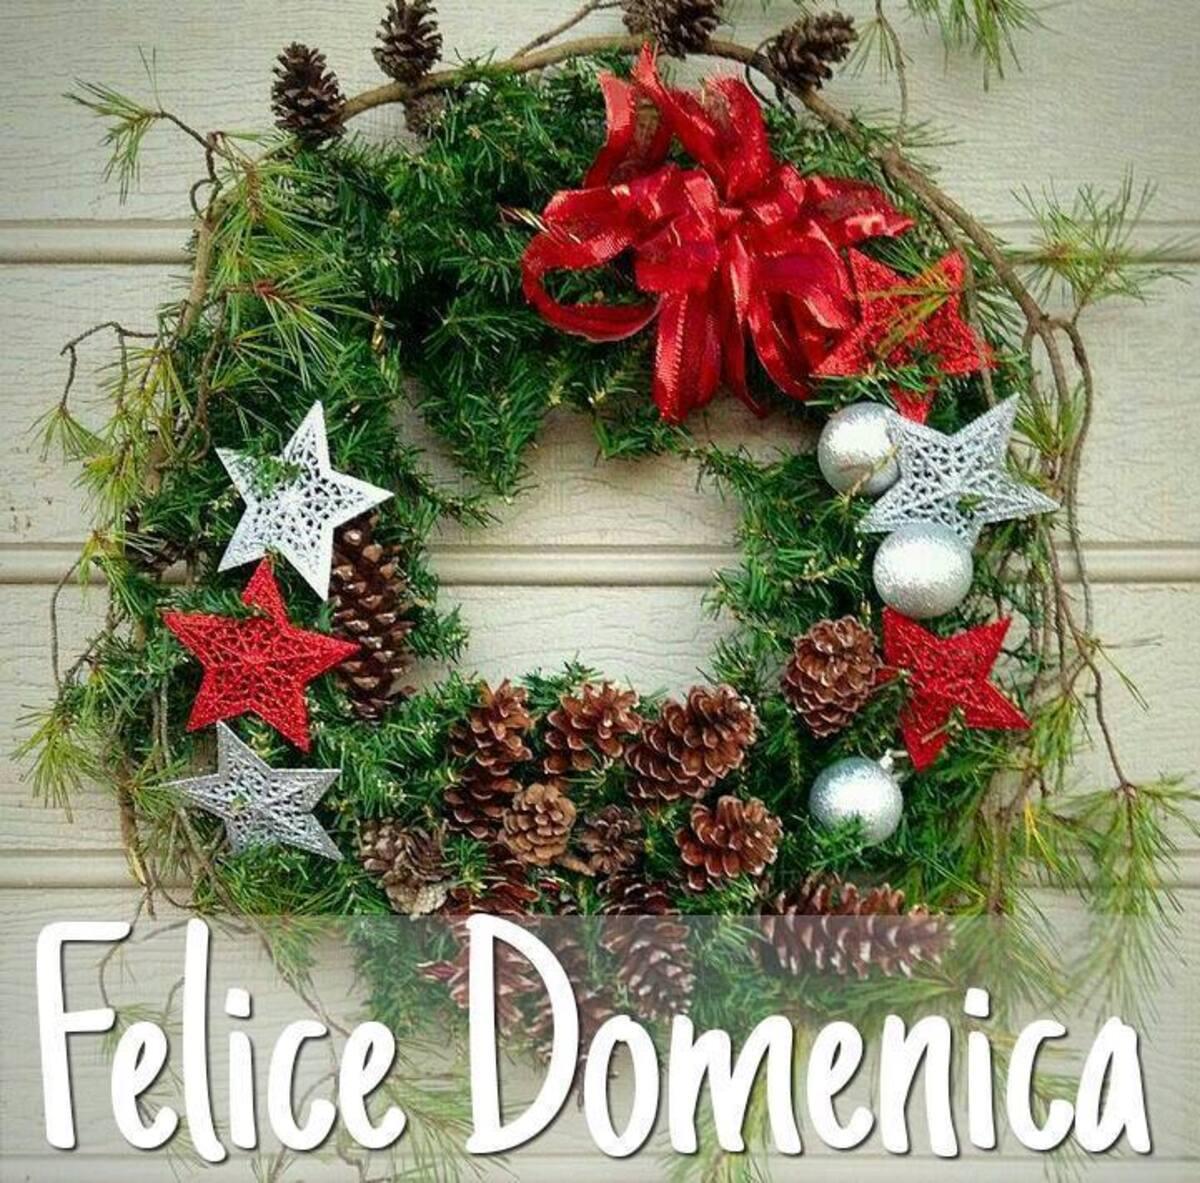 Felice Domenica